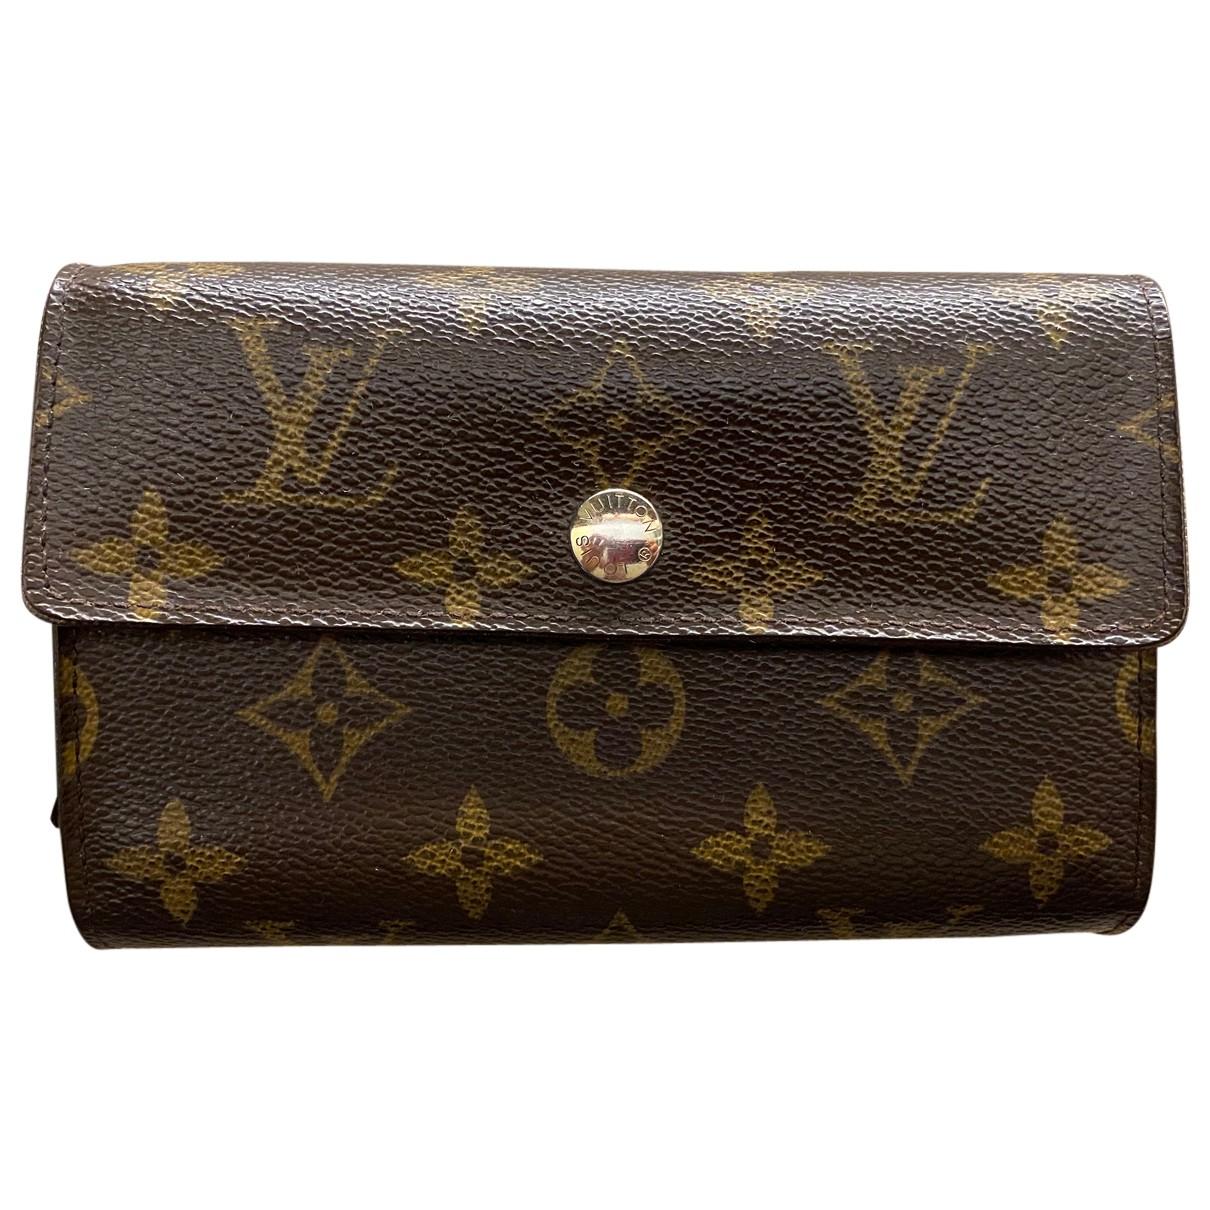 Cartera Alexandra de Lona Louis Vuitton